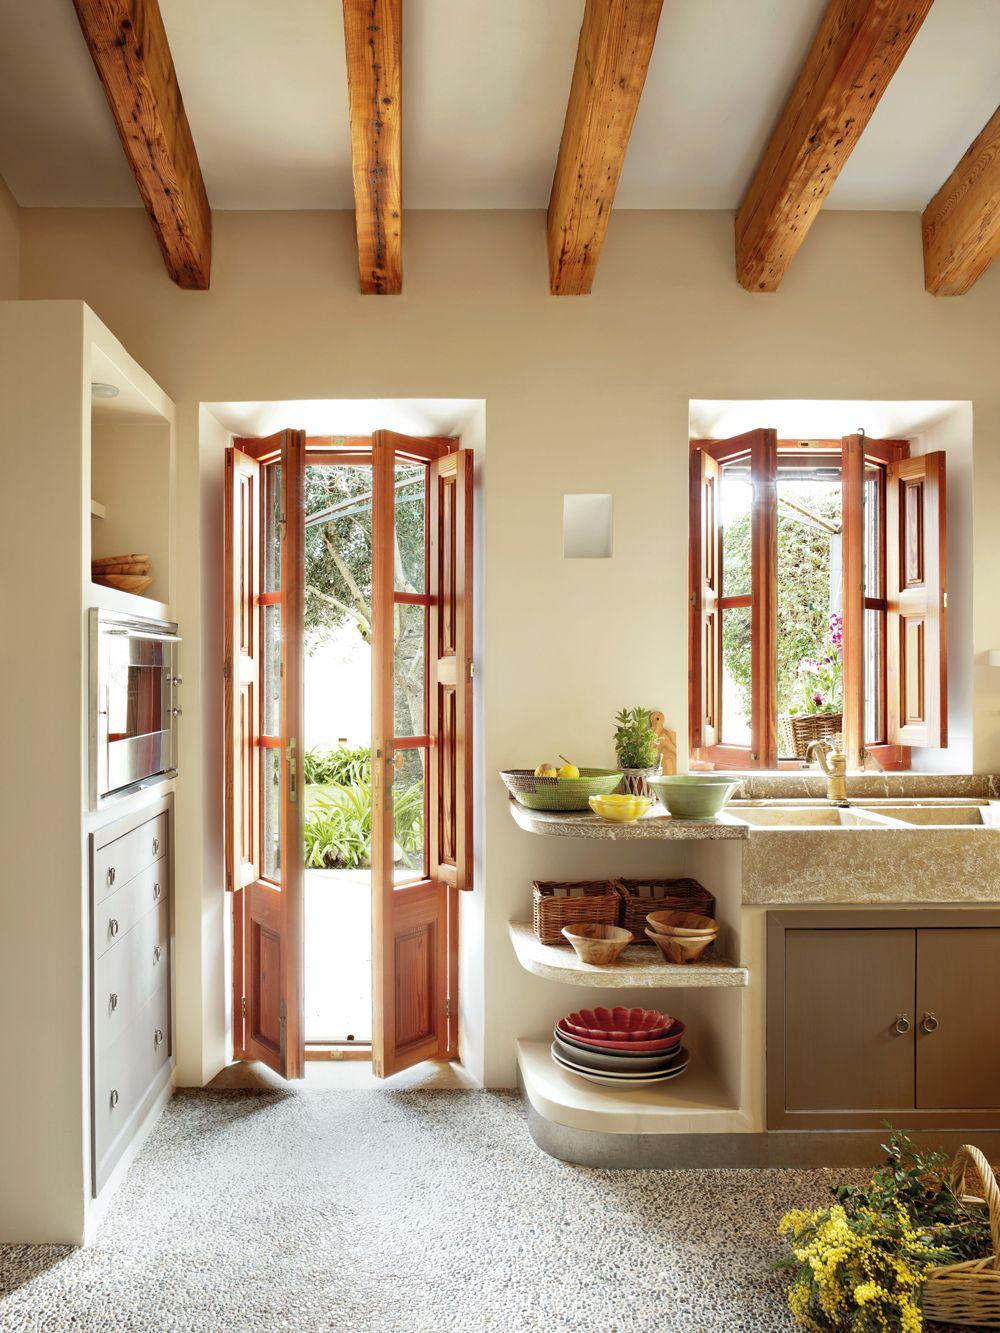 Cocina rstica con fregadero y suelo de piedra y muebles de obra y